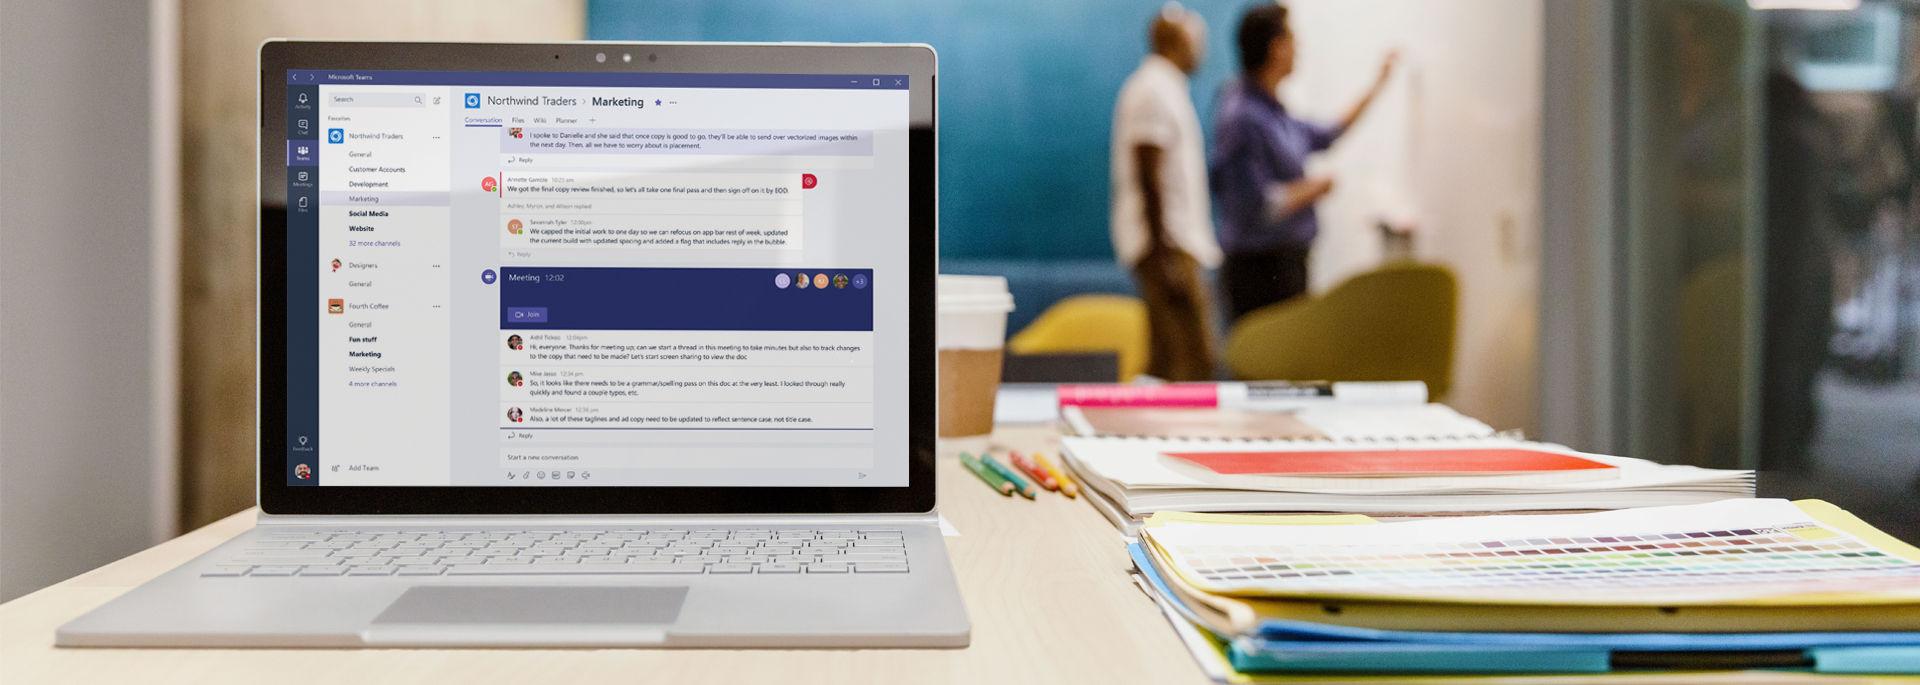 شاشة كمبيوتر محمول تعرض تطبيق Microsoft Teams